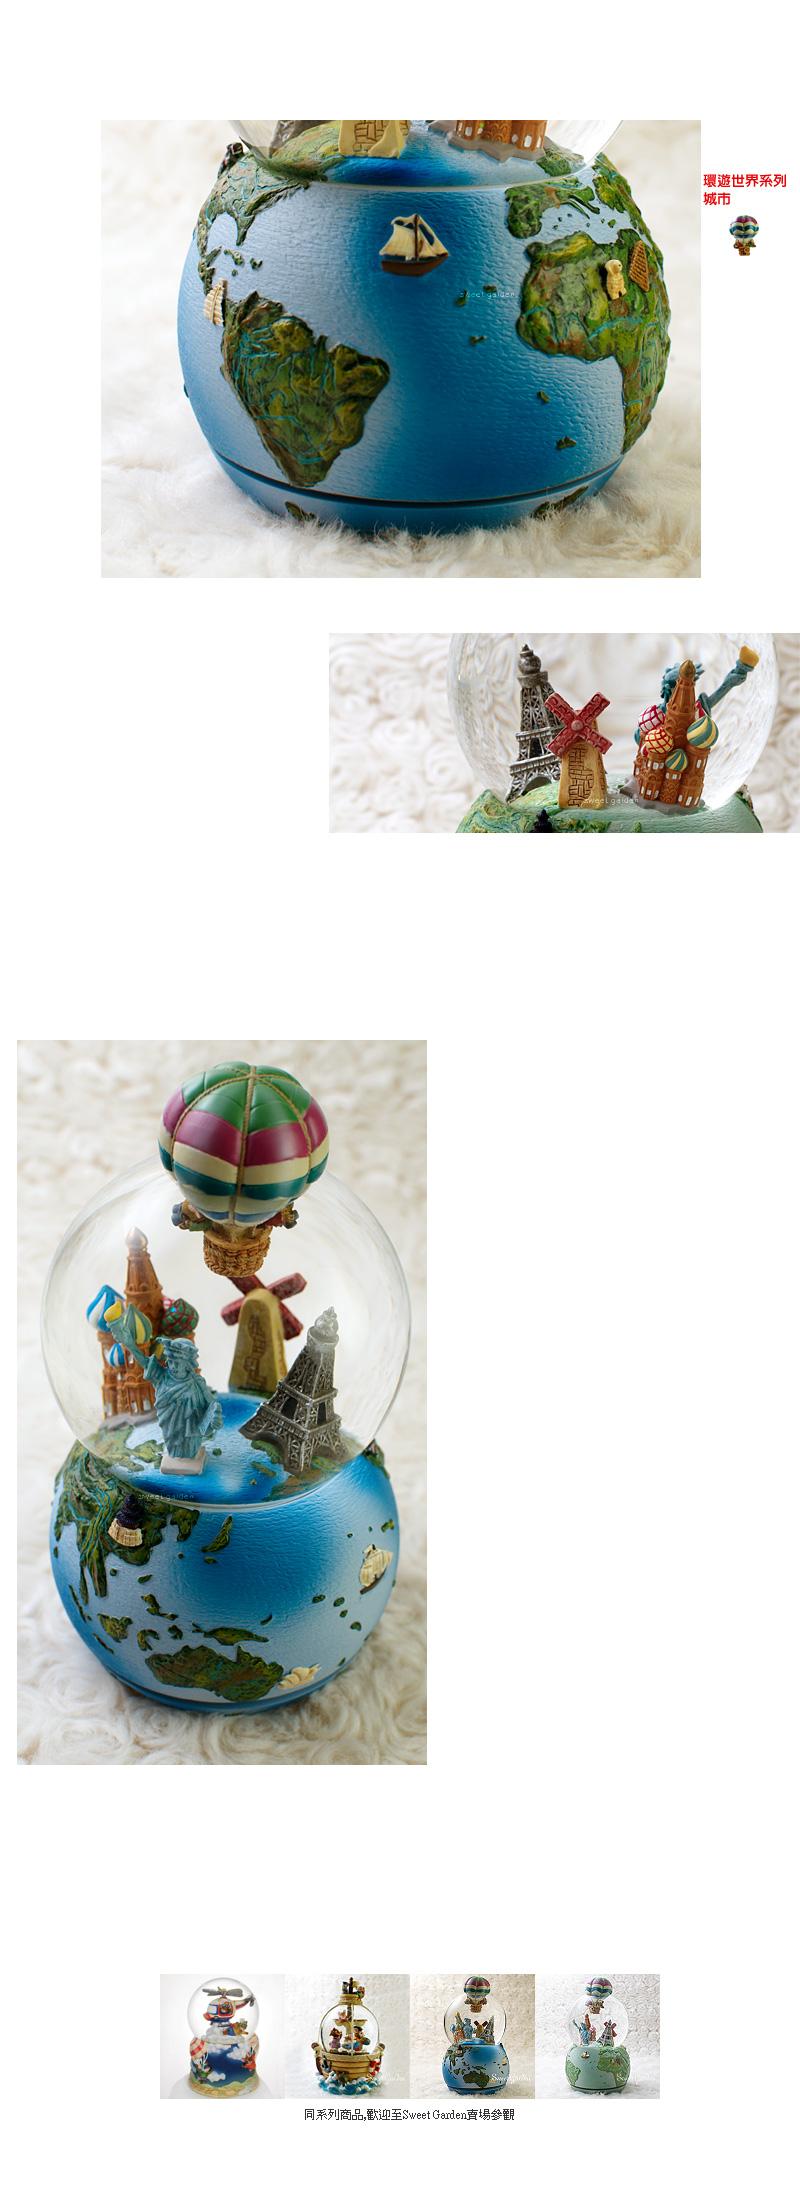 巴黎铁塔 jarll老鼠热气球音乐水晶球-蓝款